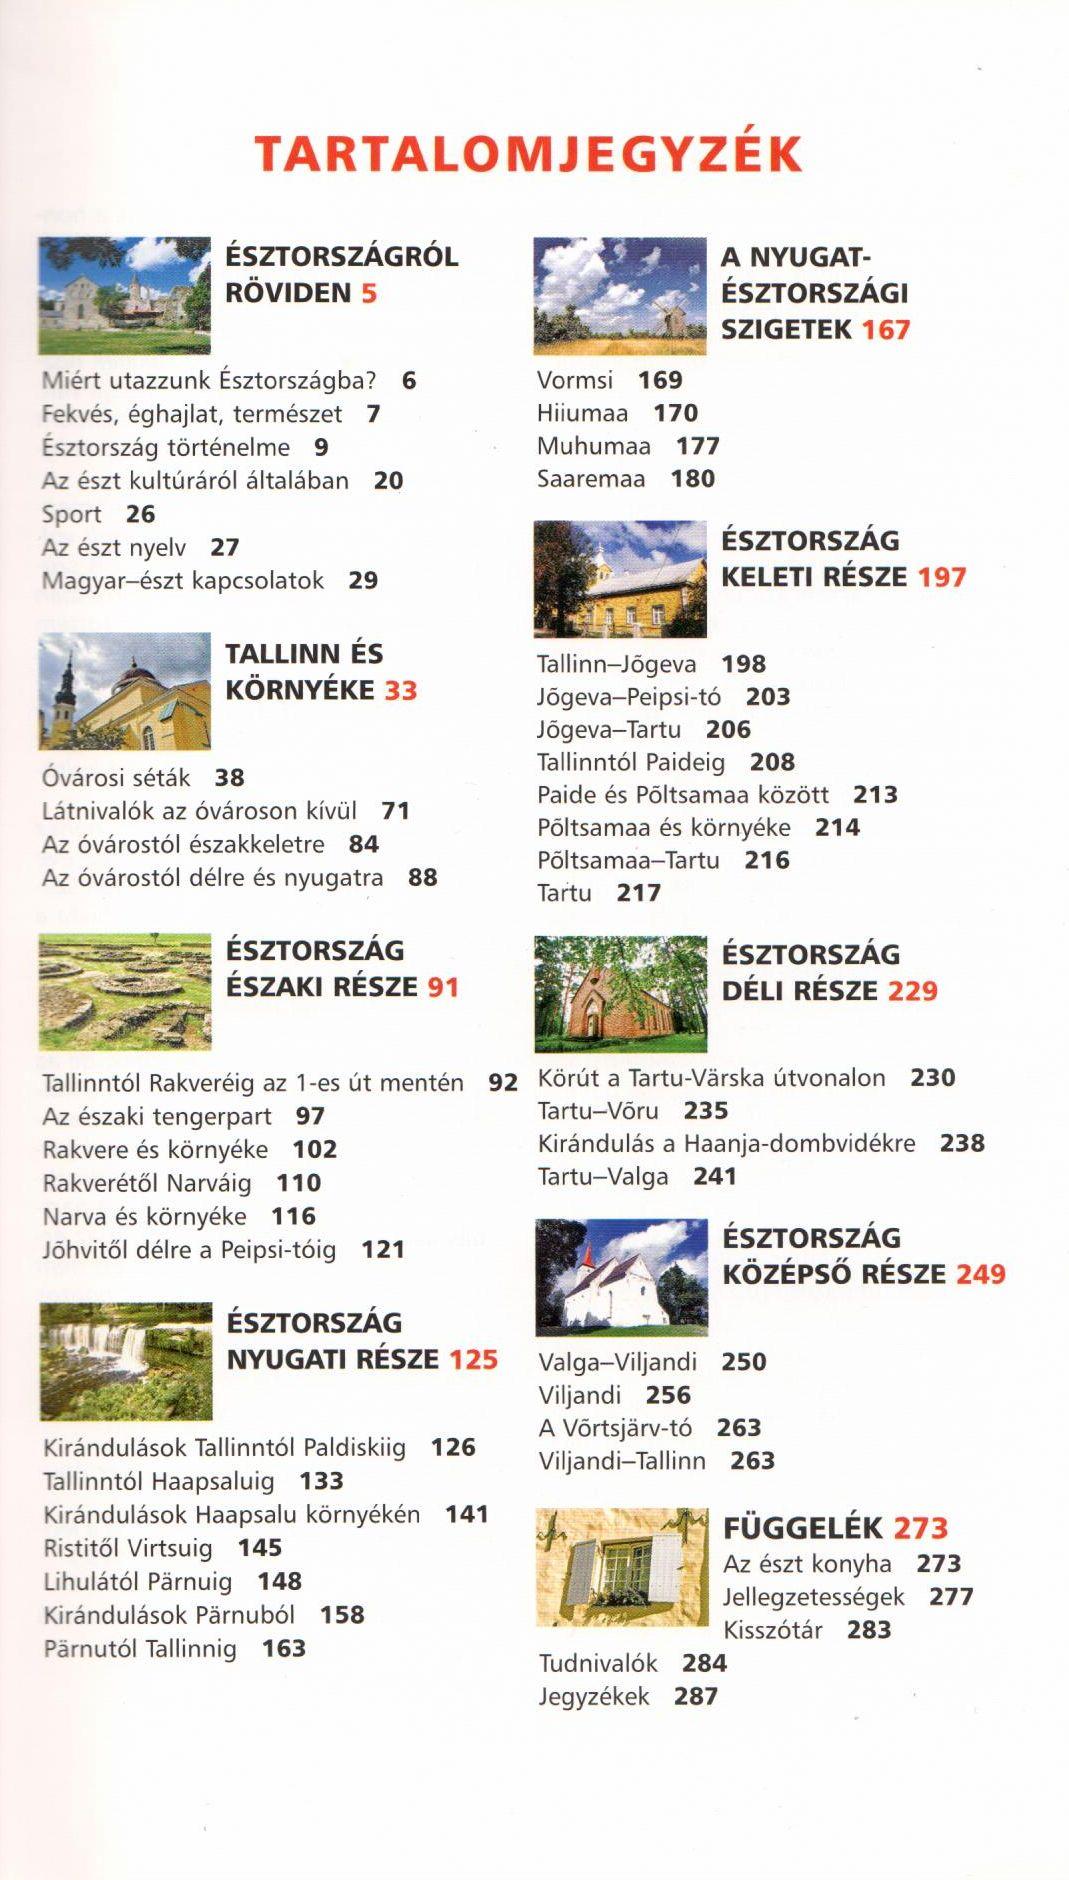 Az Észtország útikönyv tartlaomjegyzéke